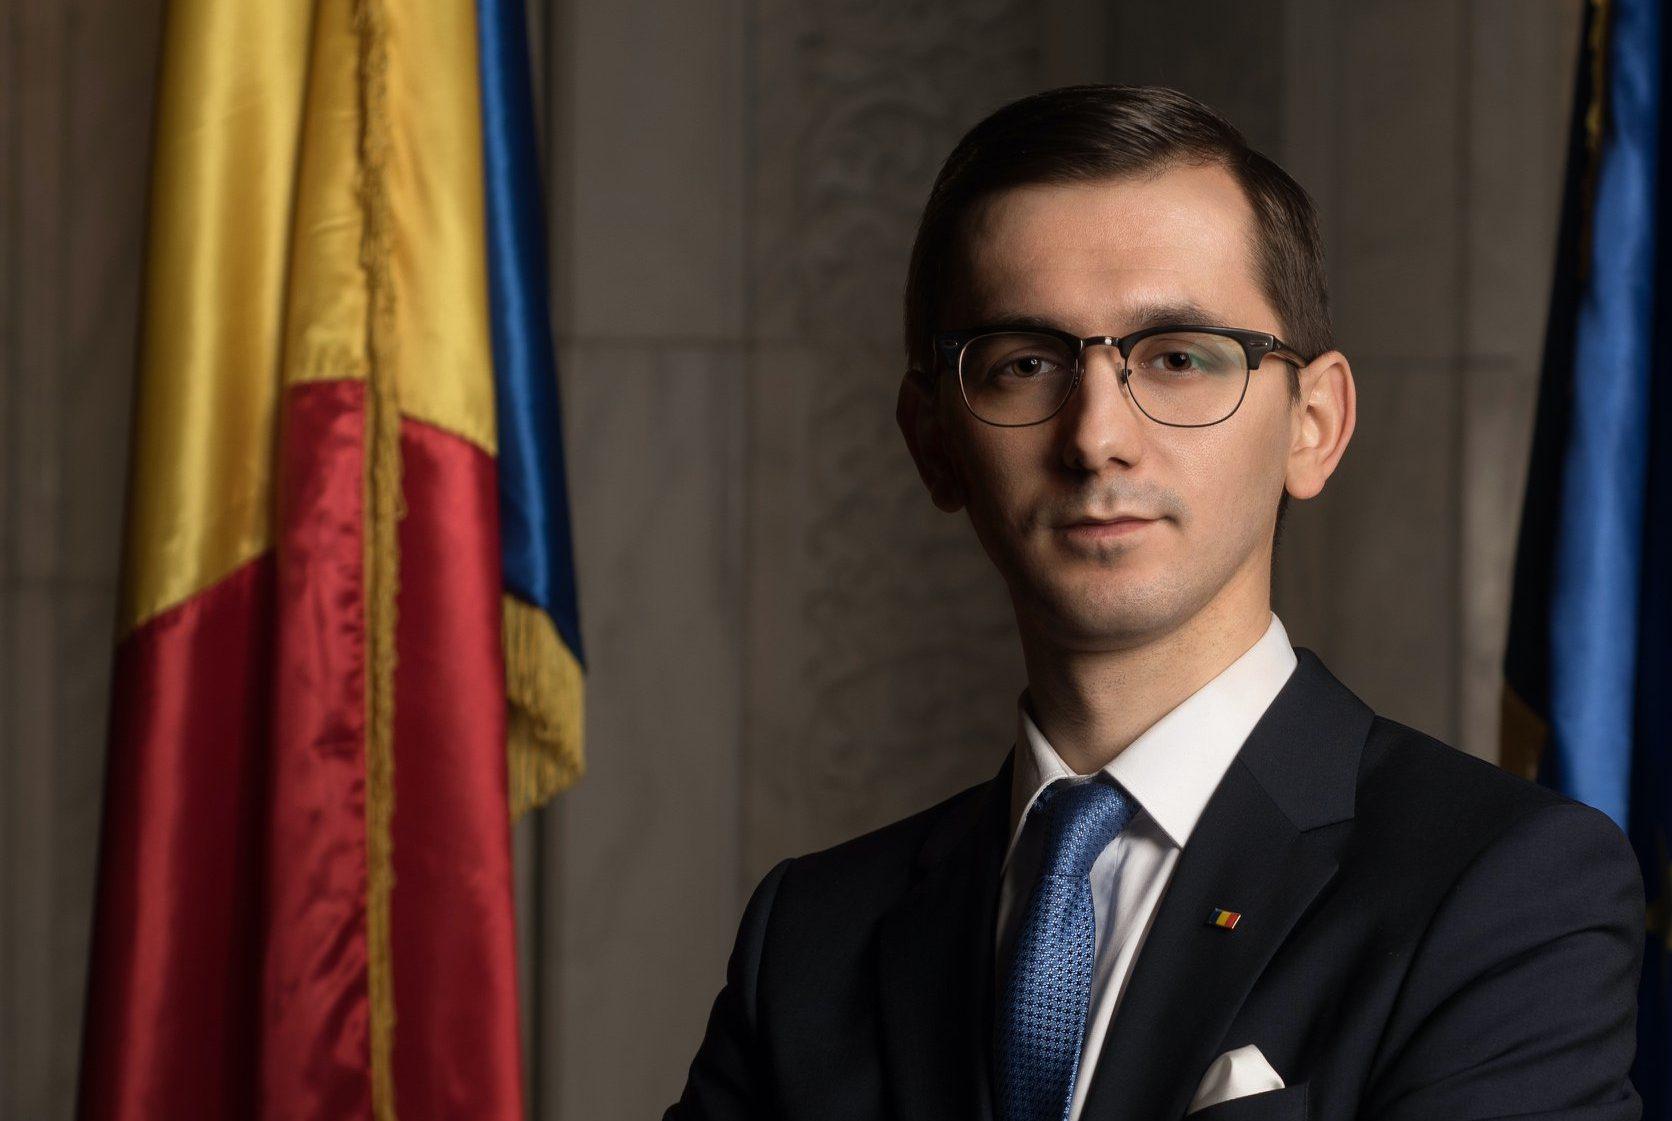 """Pavel Popescu, PNL: """"În aşa zisa strategie 5G, Ministerul Comunicaţiilor a uitat să menţioneze riscurile de securitate pe astfel de reţele"""""""